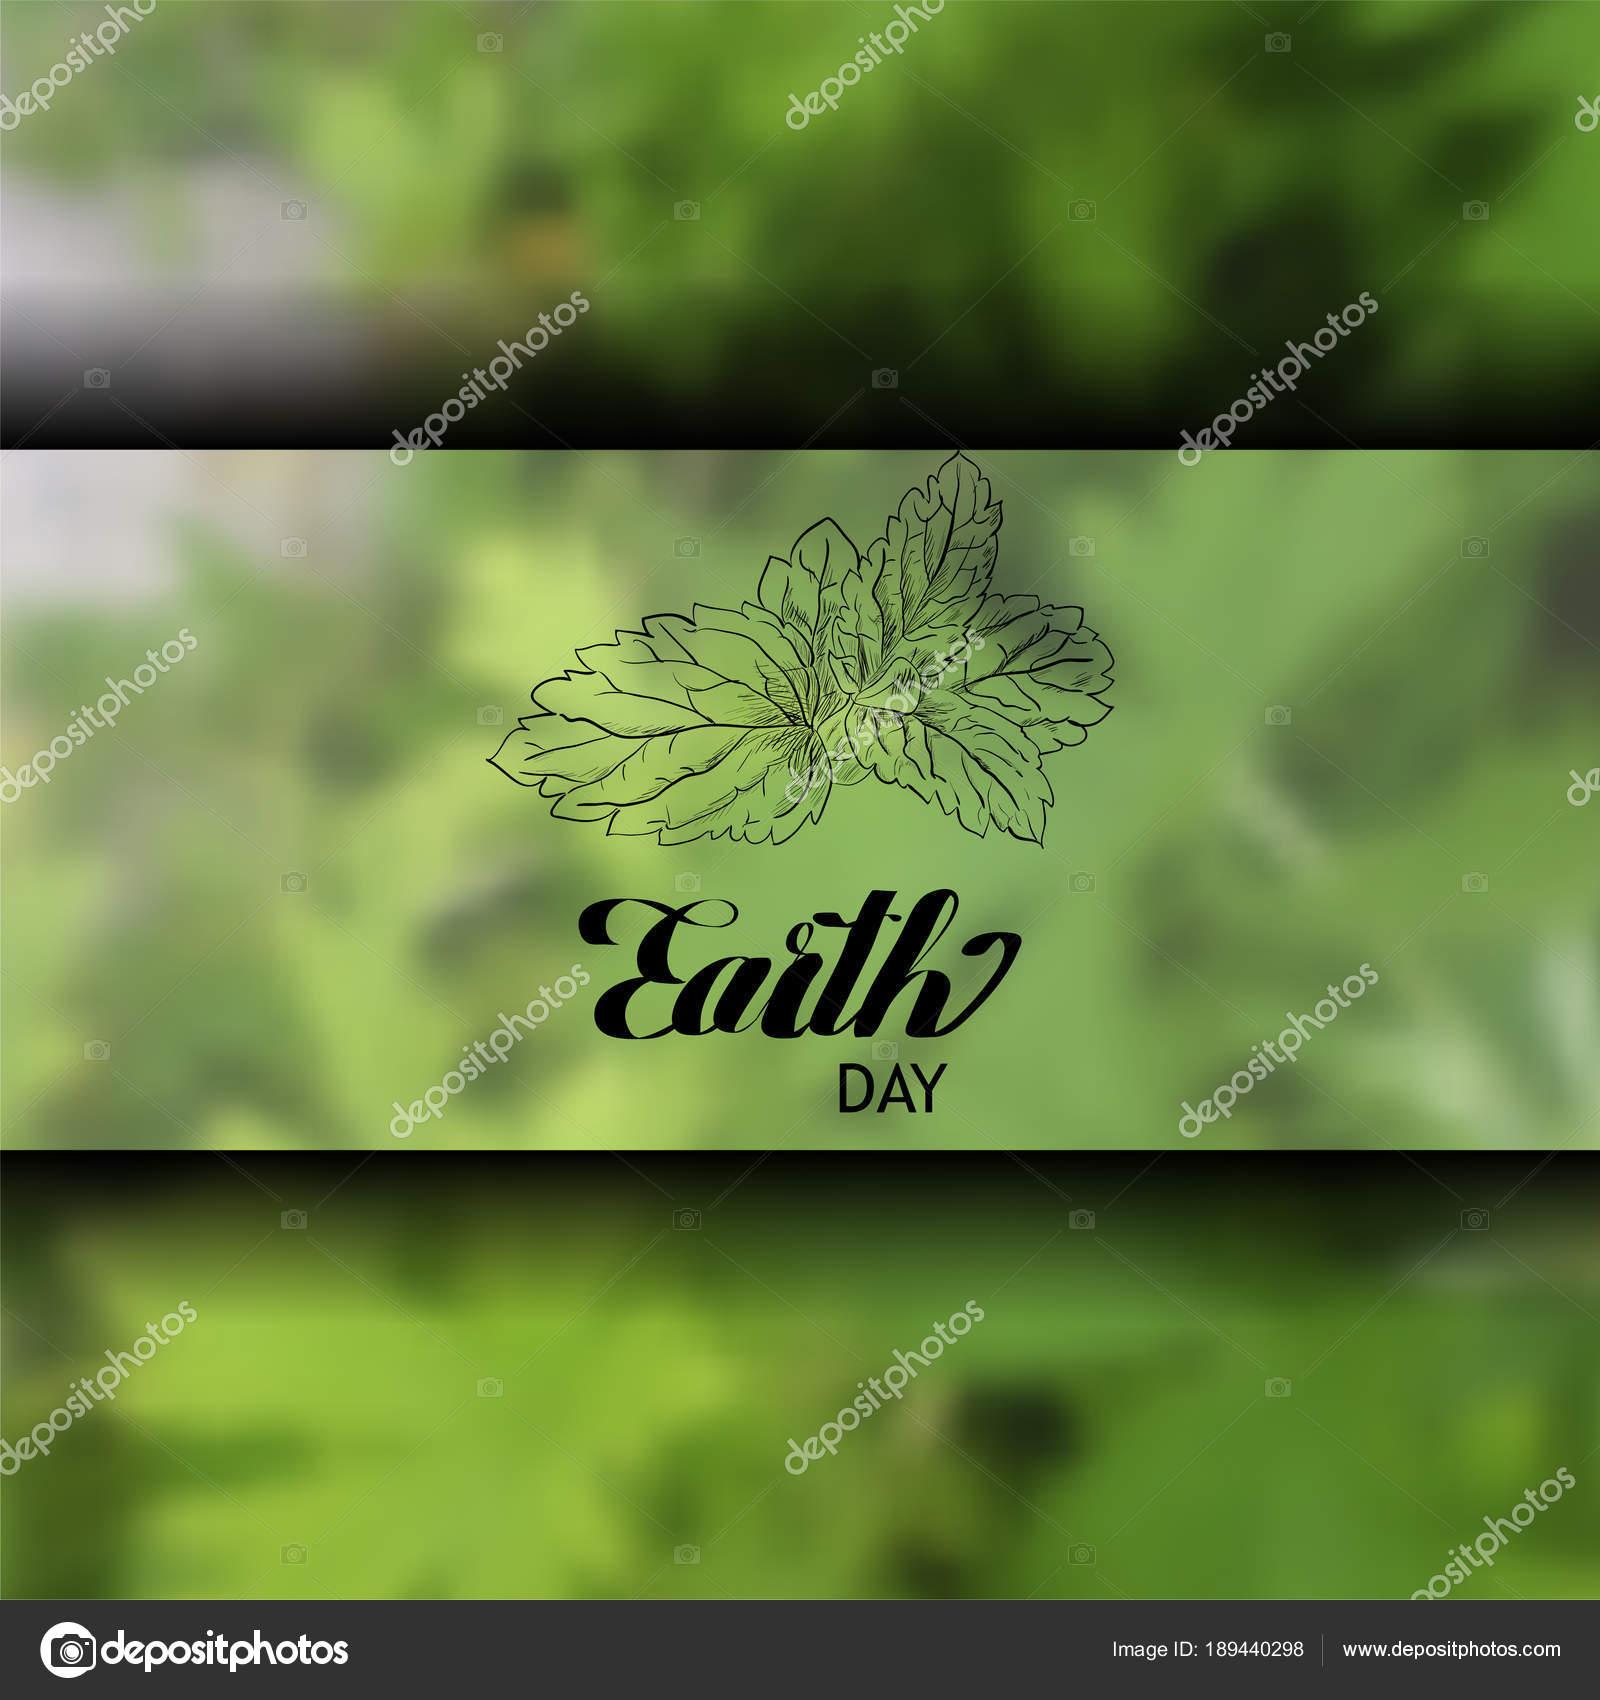 Letras sobre un fondo verde en la tierra día escritura cursiva. Hoja ...